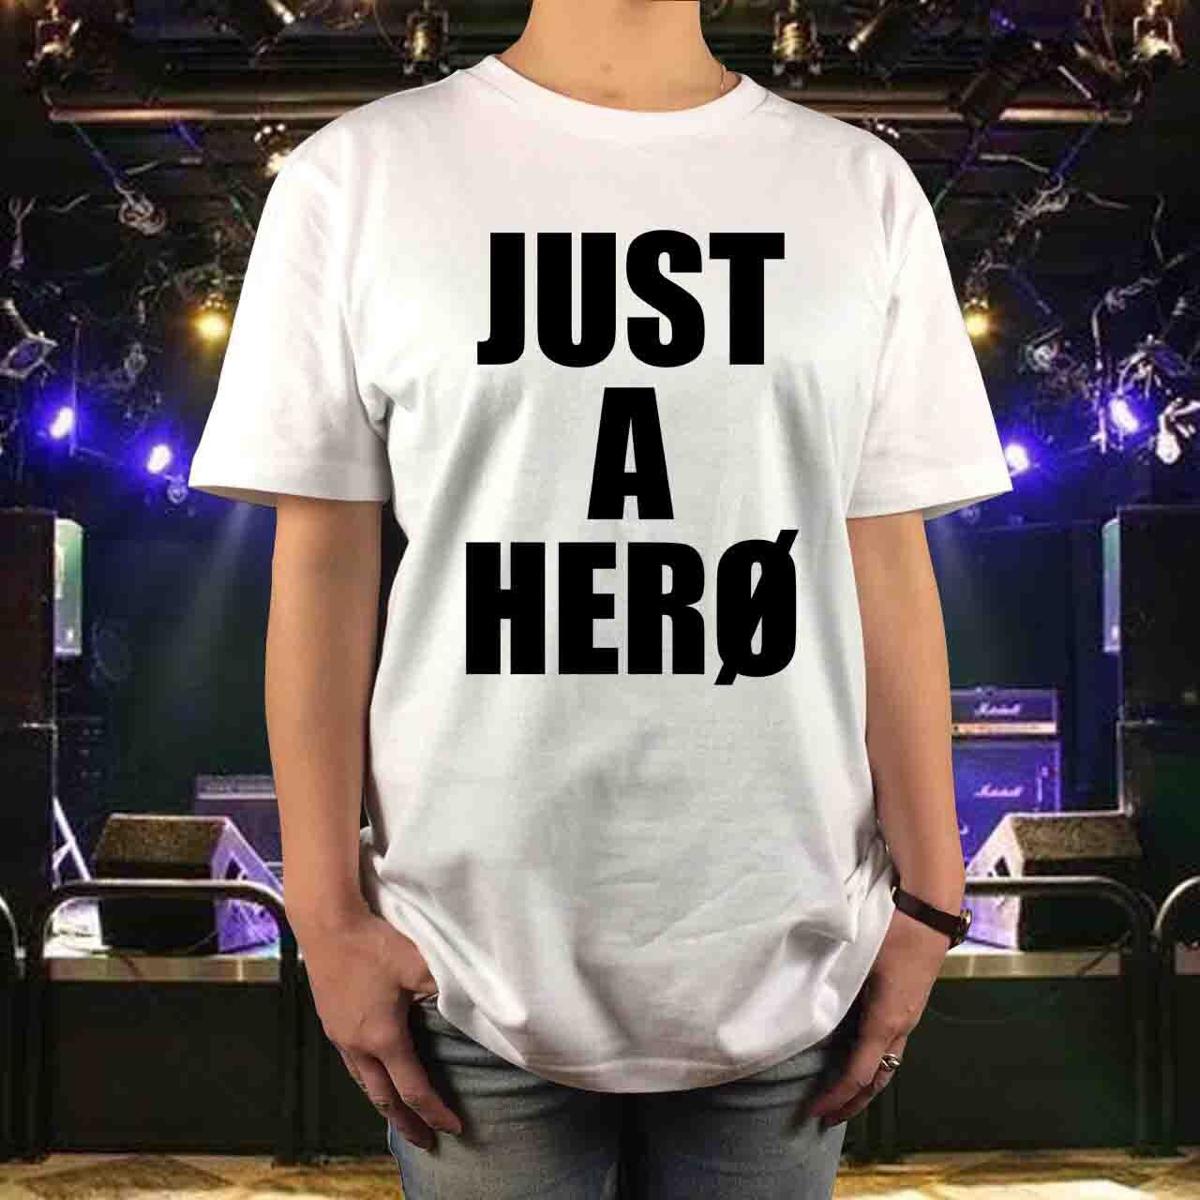 新品 BOOWY ボウイ メッセージ Tシャツ JUST A HERO ジャストアヒーロー サイズS,M,L,XL 氷室京介 布袋寅泰 メンズ レディース GIGS ライブグッズの画像